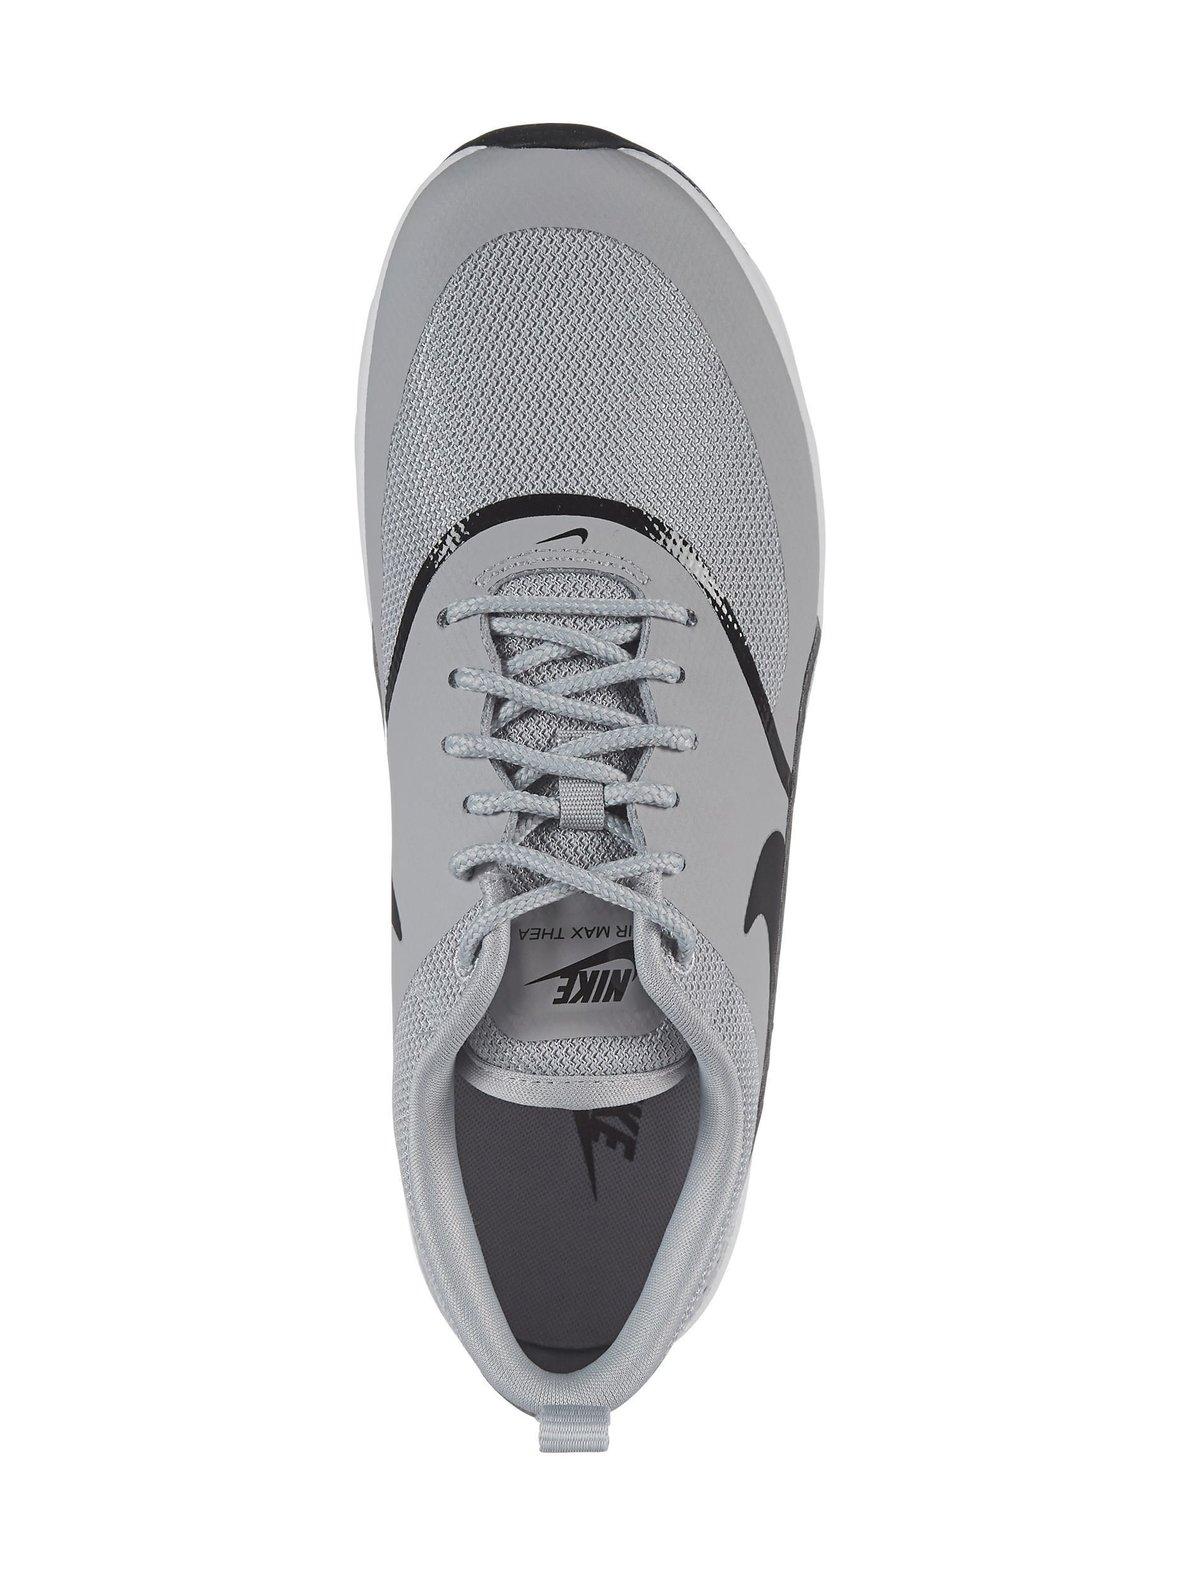 Wolf Miehet Grey kengät 5 harmaa 7 Air Nike W Max Thea P64Rq 6e5e8722c1